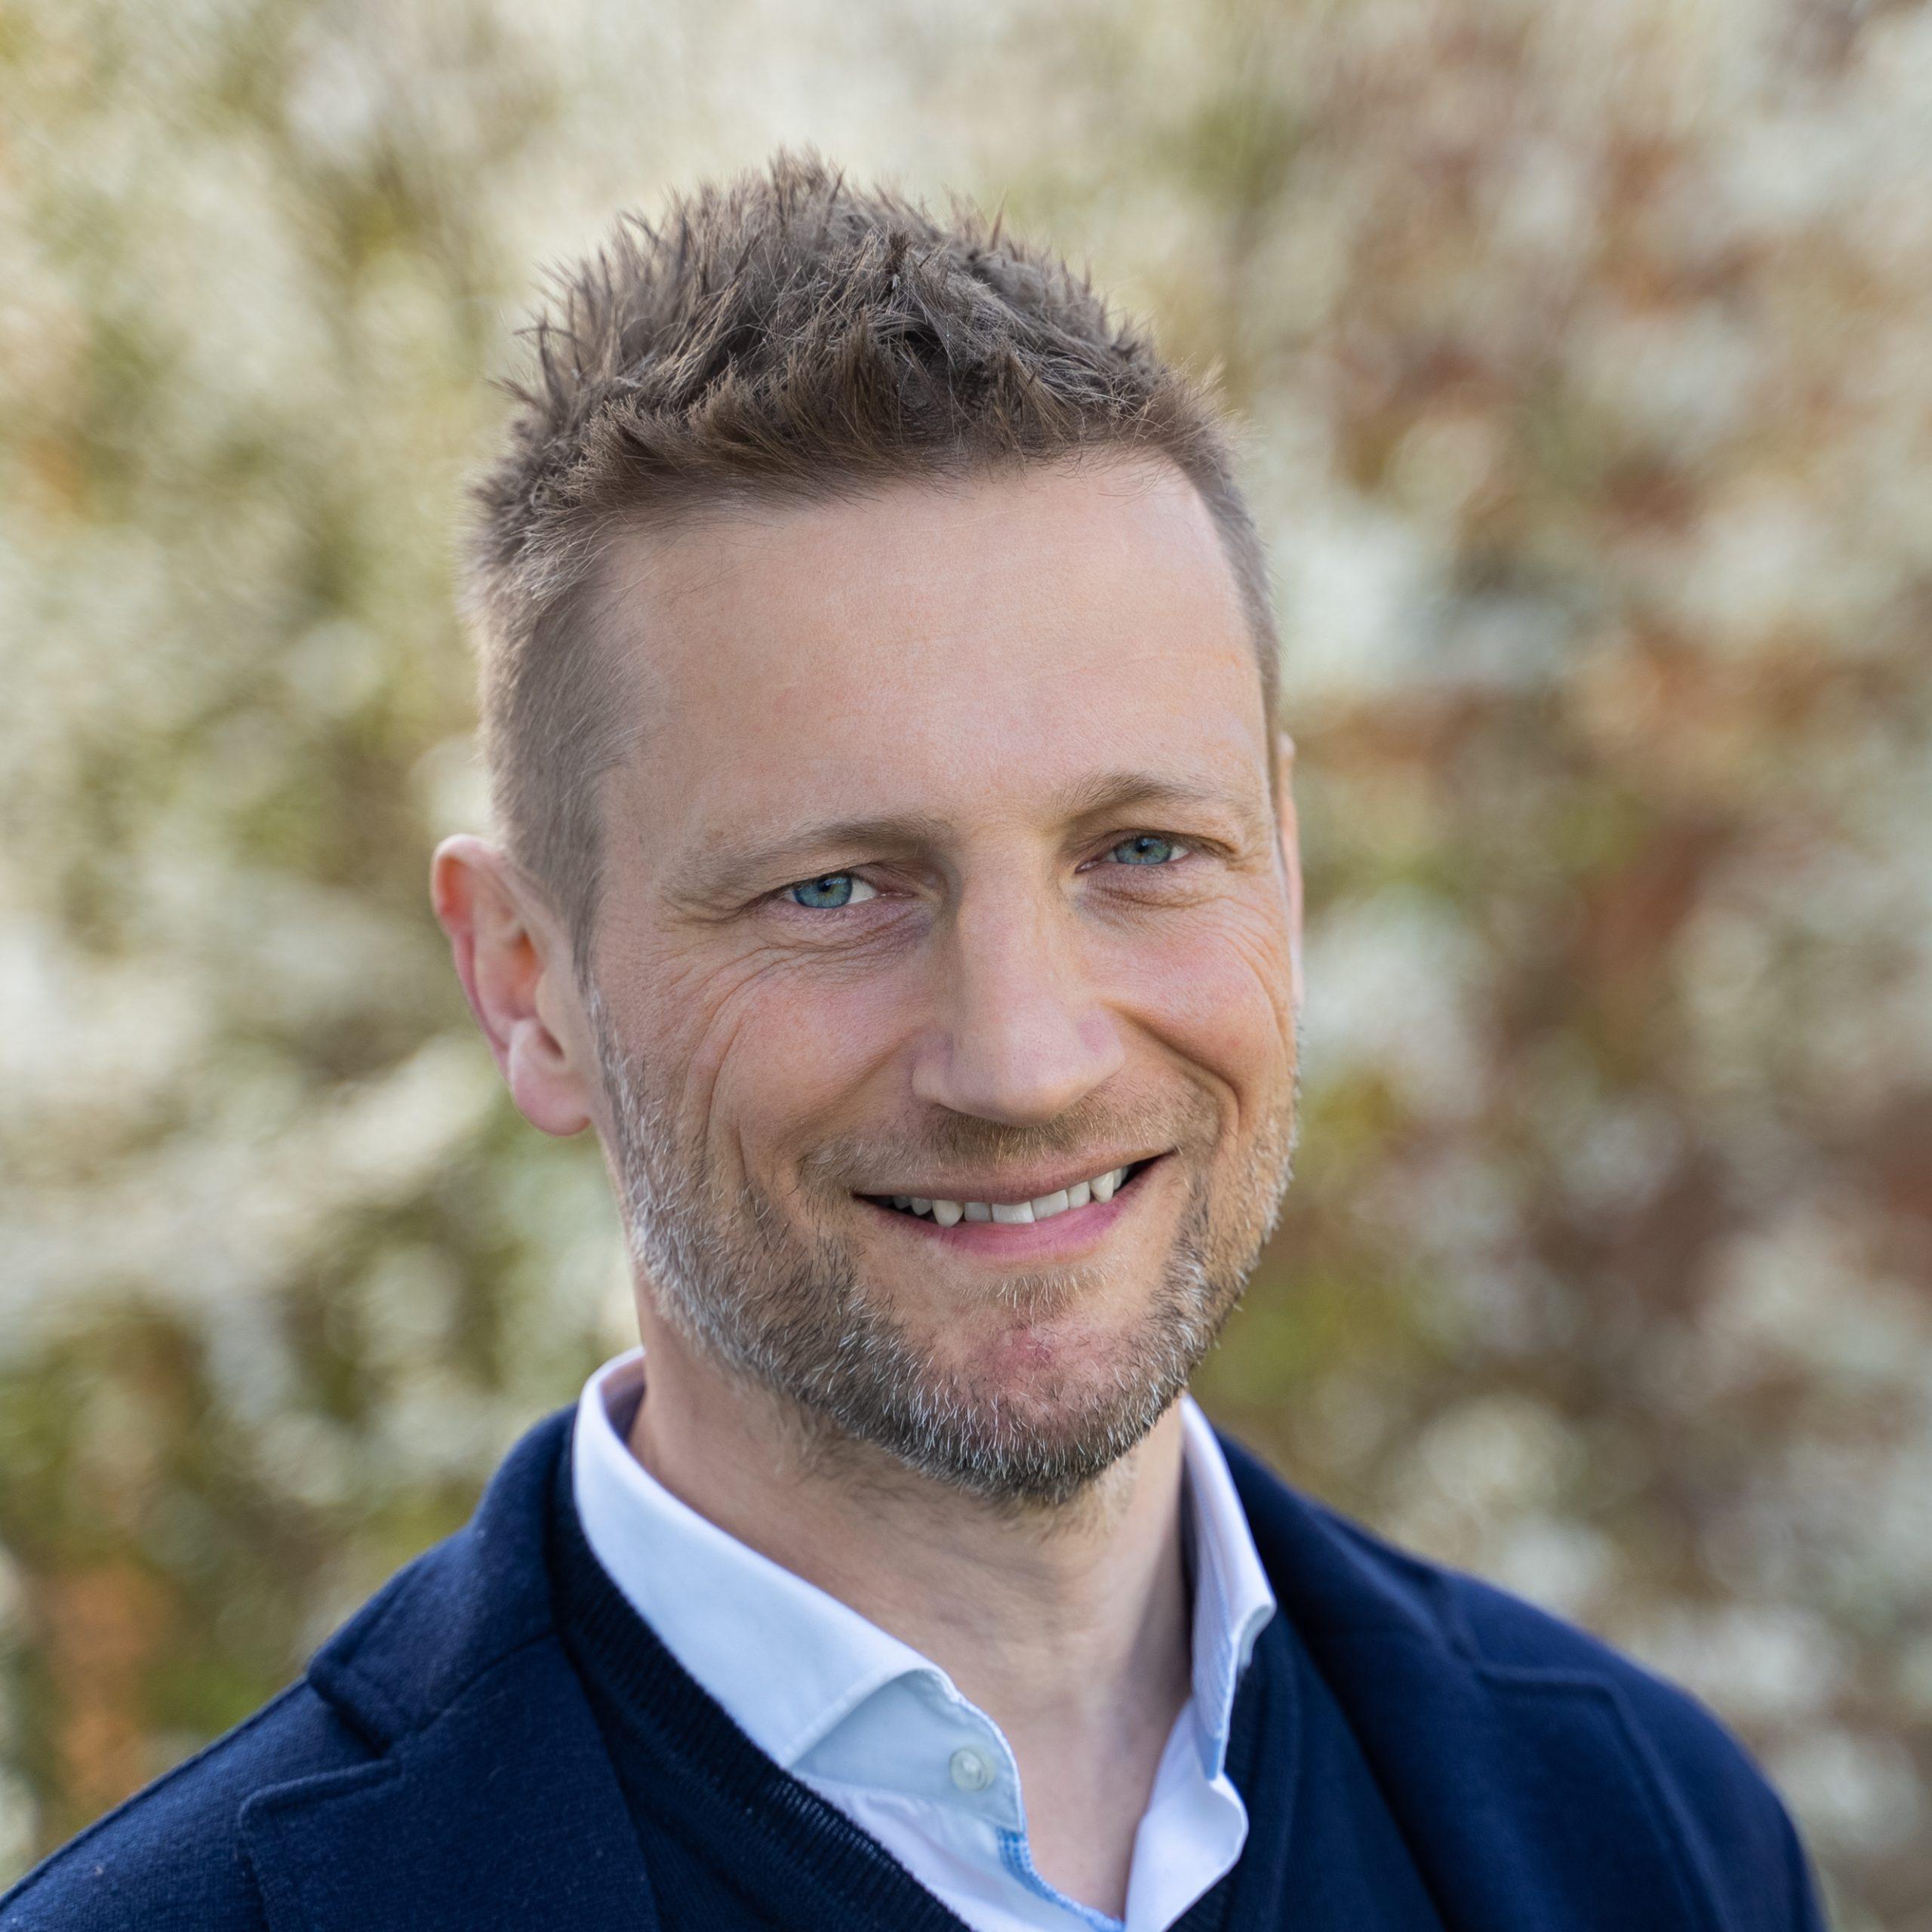 Martin Jørgensen er sikker på, at han nok skal få succes med Rejseriet, der vil sælge grupperejser med dansk rejseleder i Danmark og Europa med bus og fly. PR-foto.